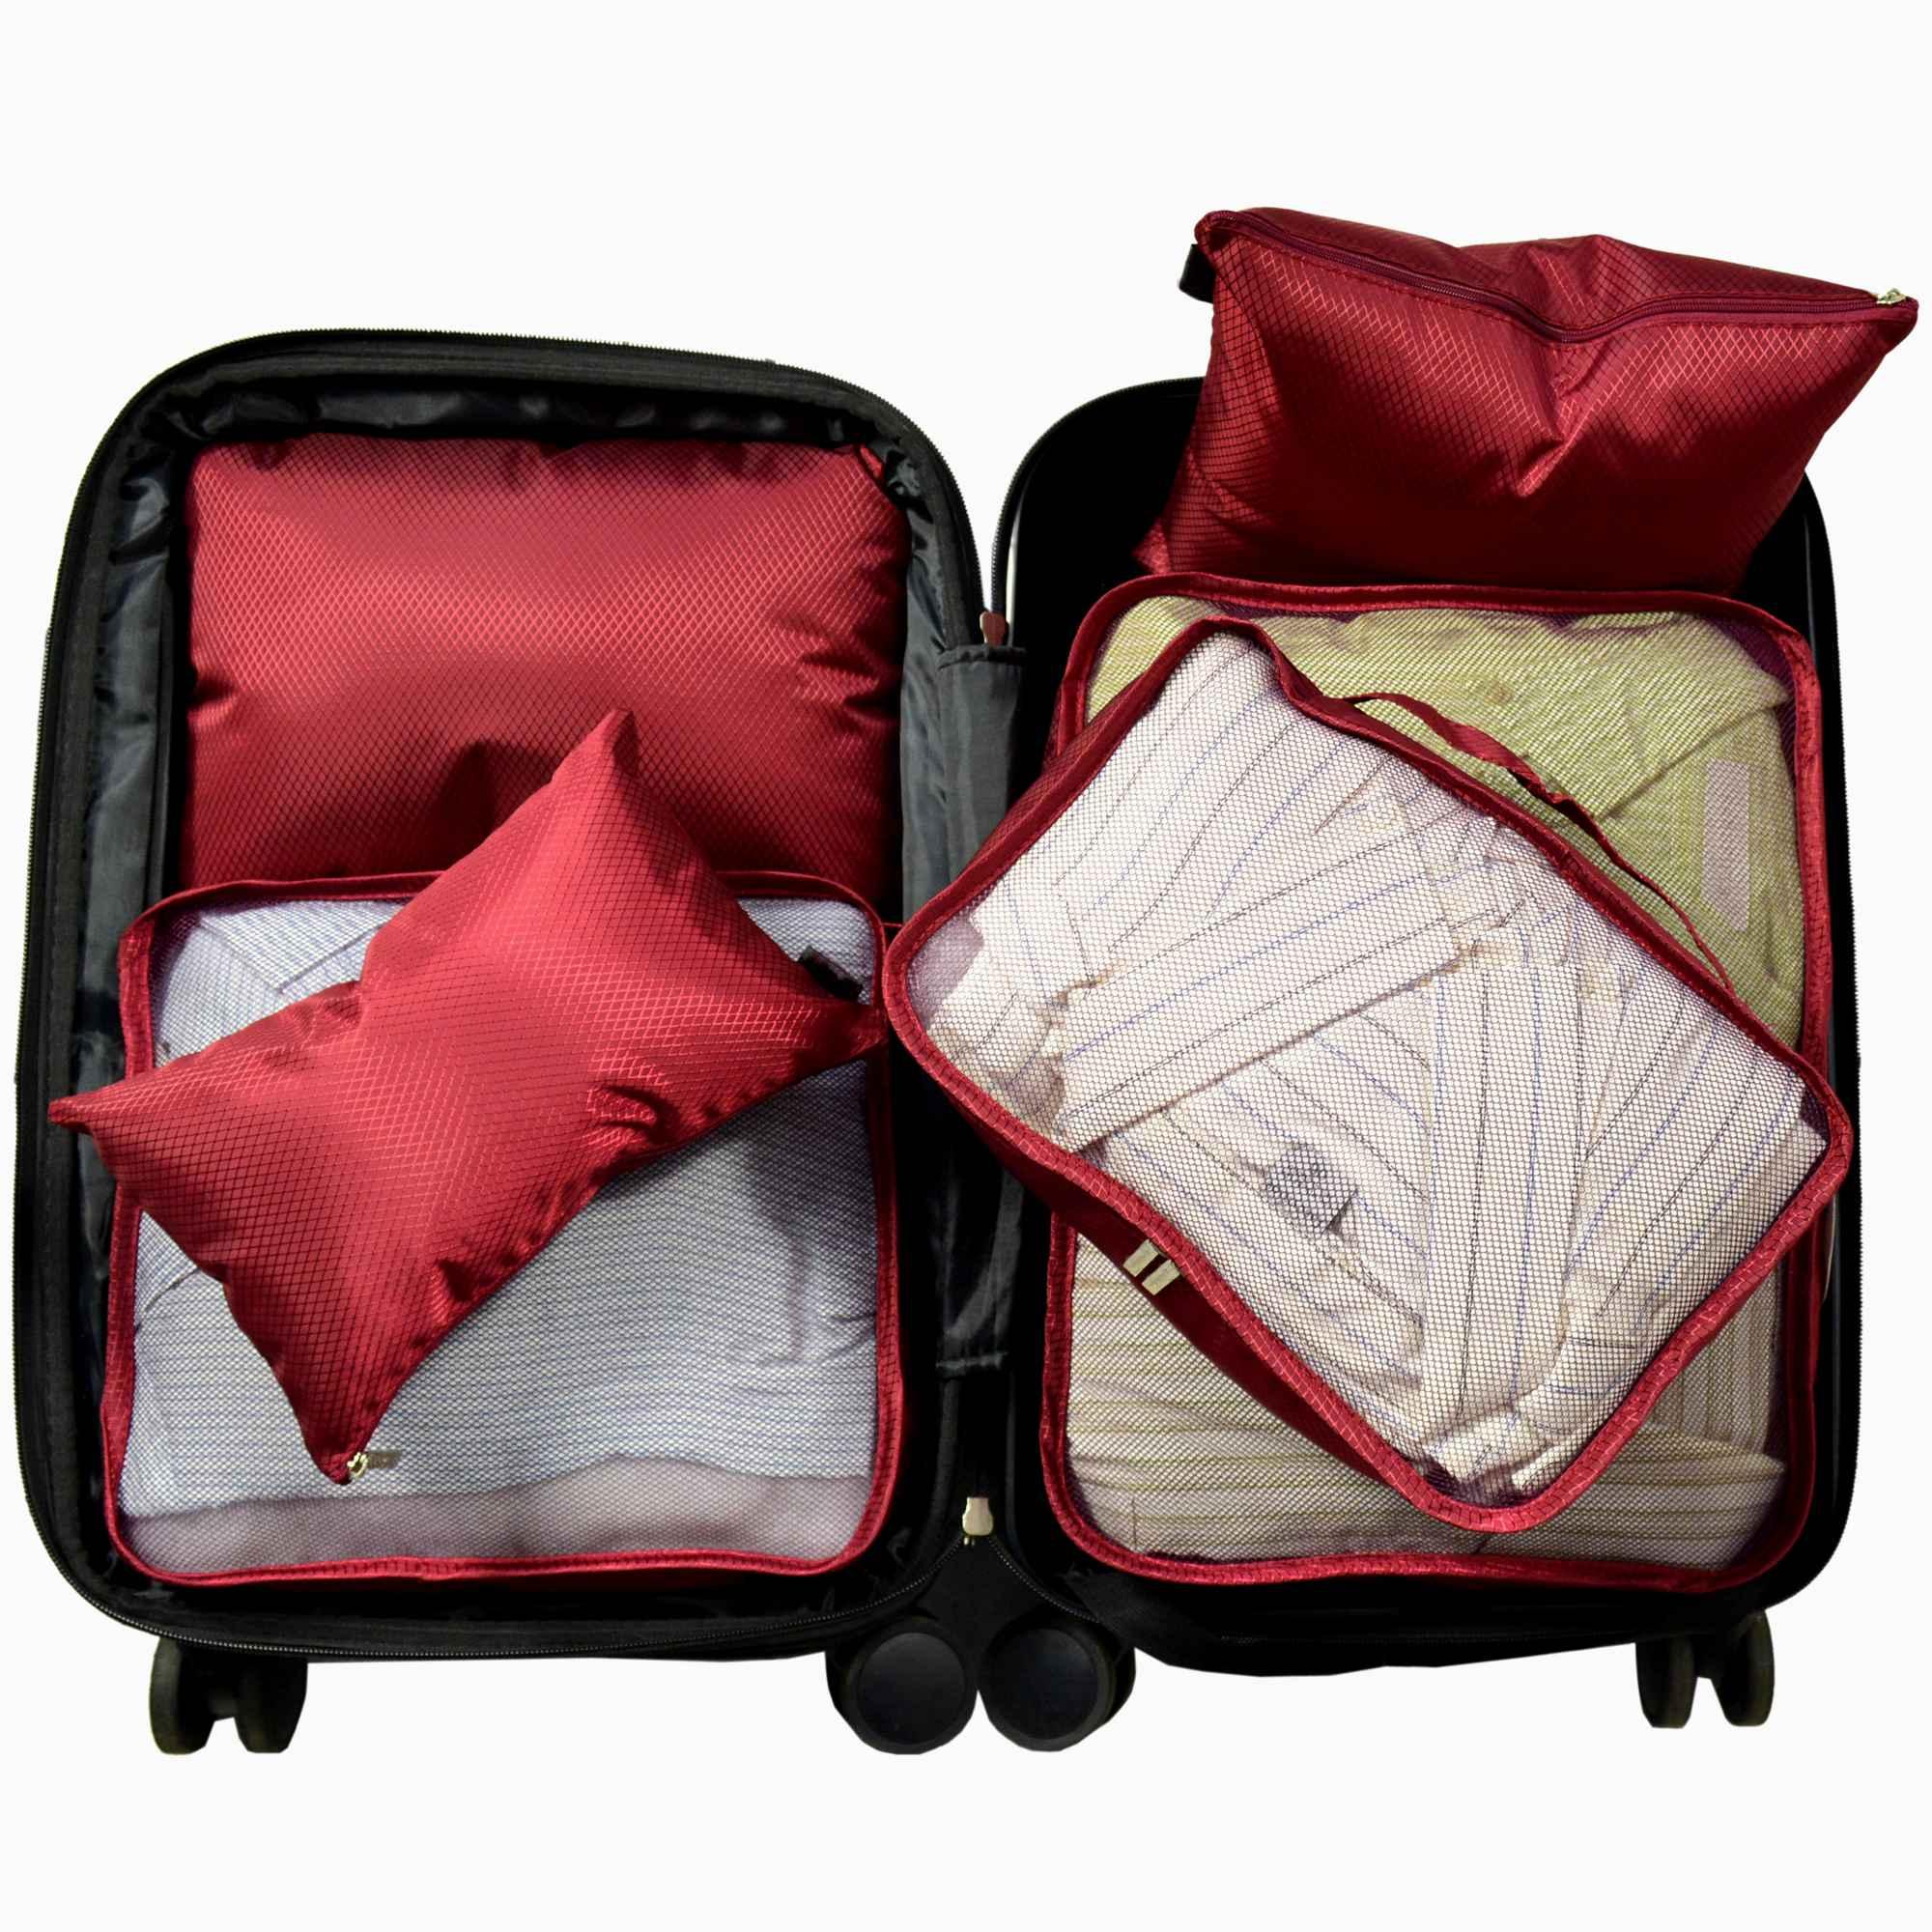 Organizador de Mala Viagem Necessaire Kit 6 Peças Vermelho CBRN12770